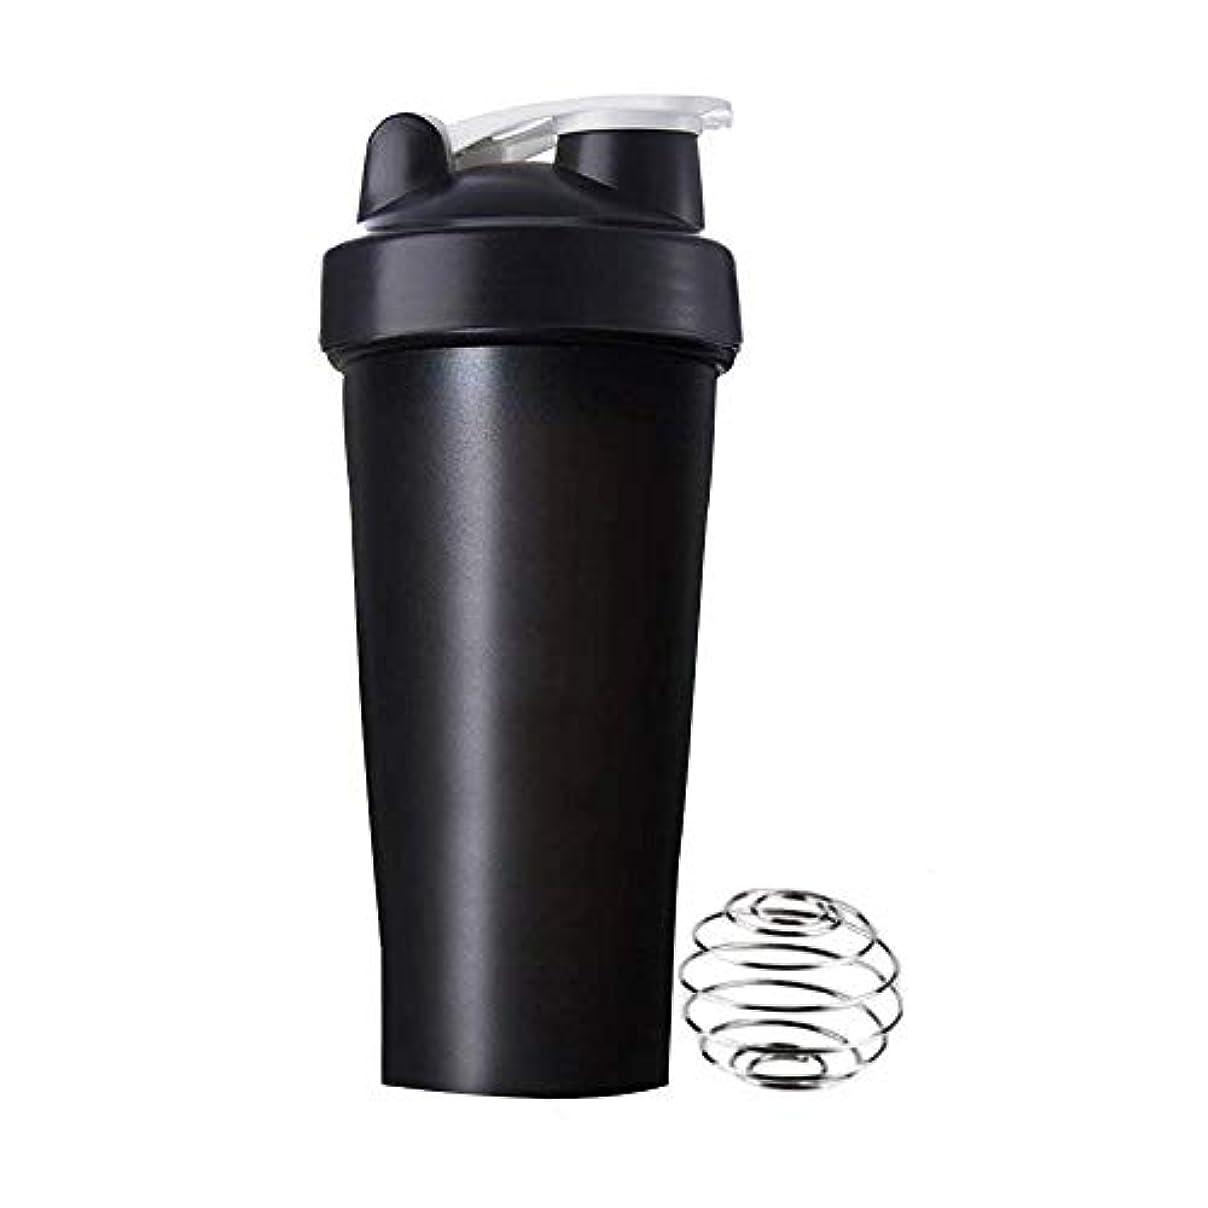 しばしばクルー爆弾Simg プロテインシェイカー 直飲み プラスチックウォーターボトル ジム シェーカーボトル 600ml